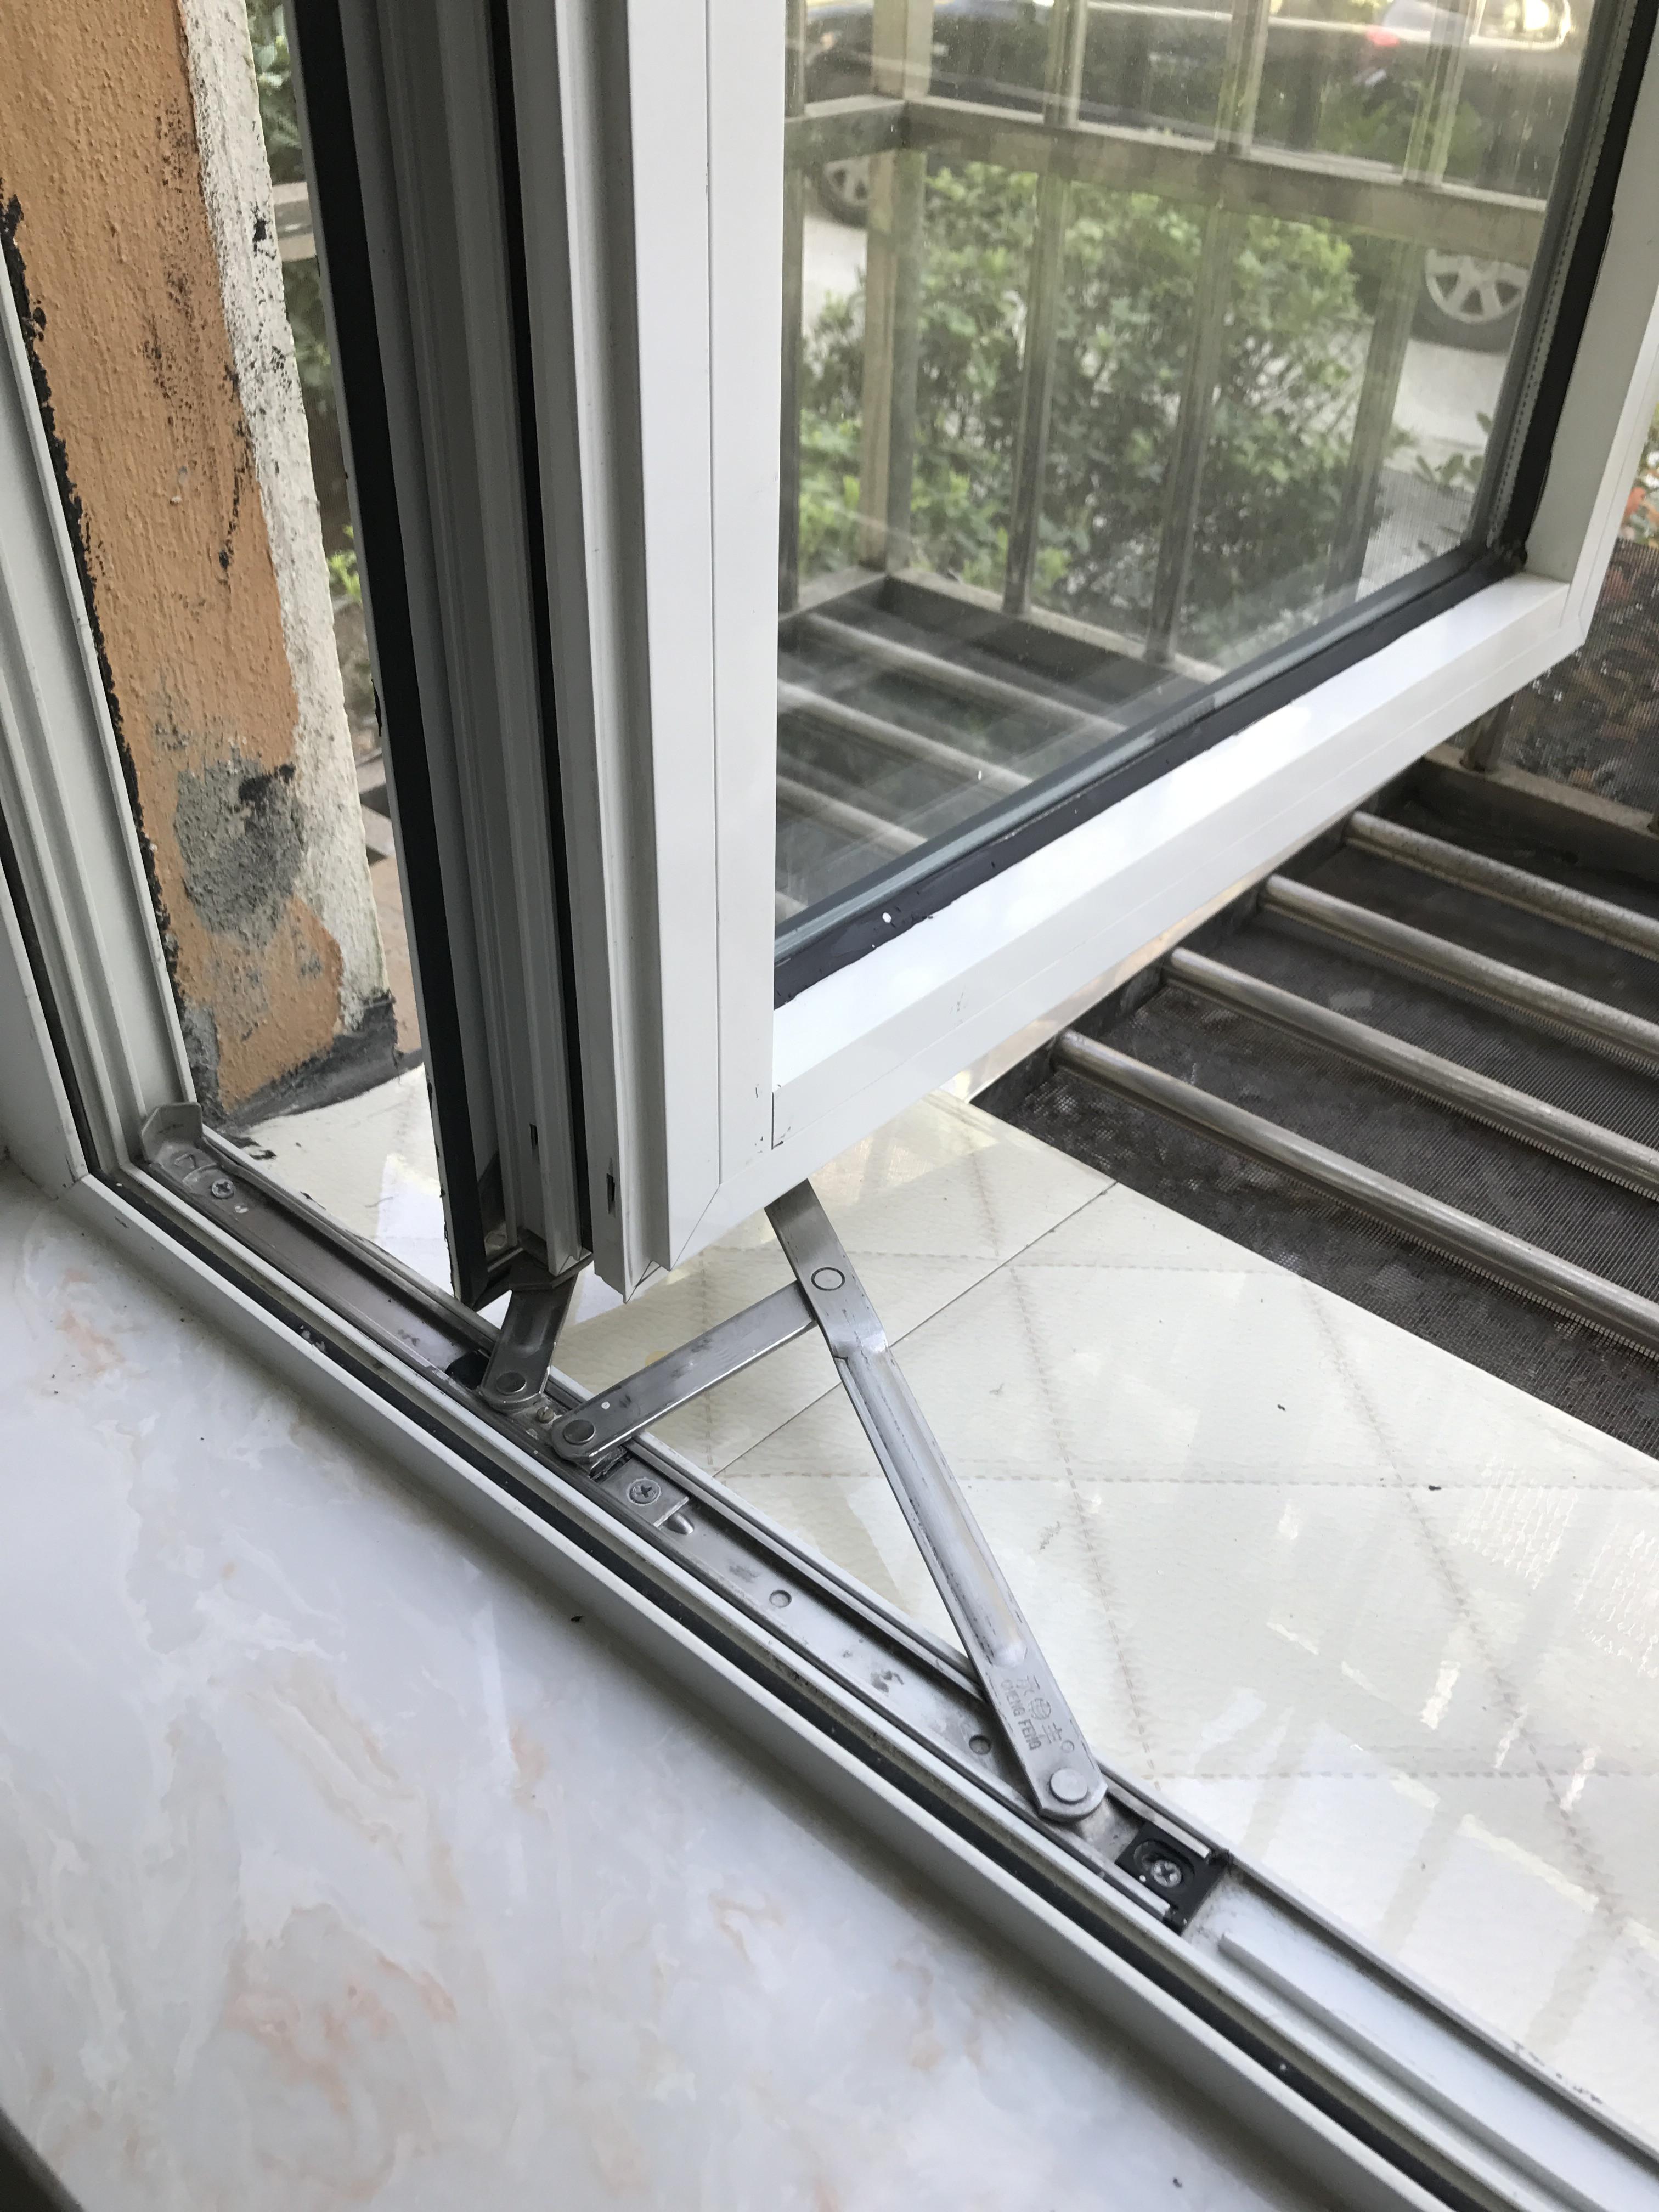 арматура стержня алюминиевых сплавов кейсмент слайд из нержавеющей стали Пластиковые кейсмент трения скольжения поддержки Четырёхзвенный петли